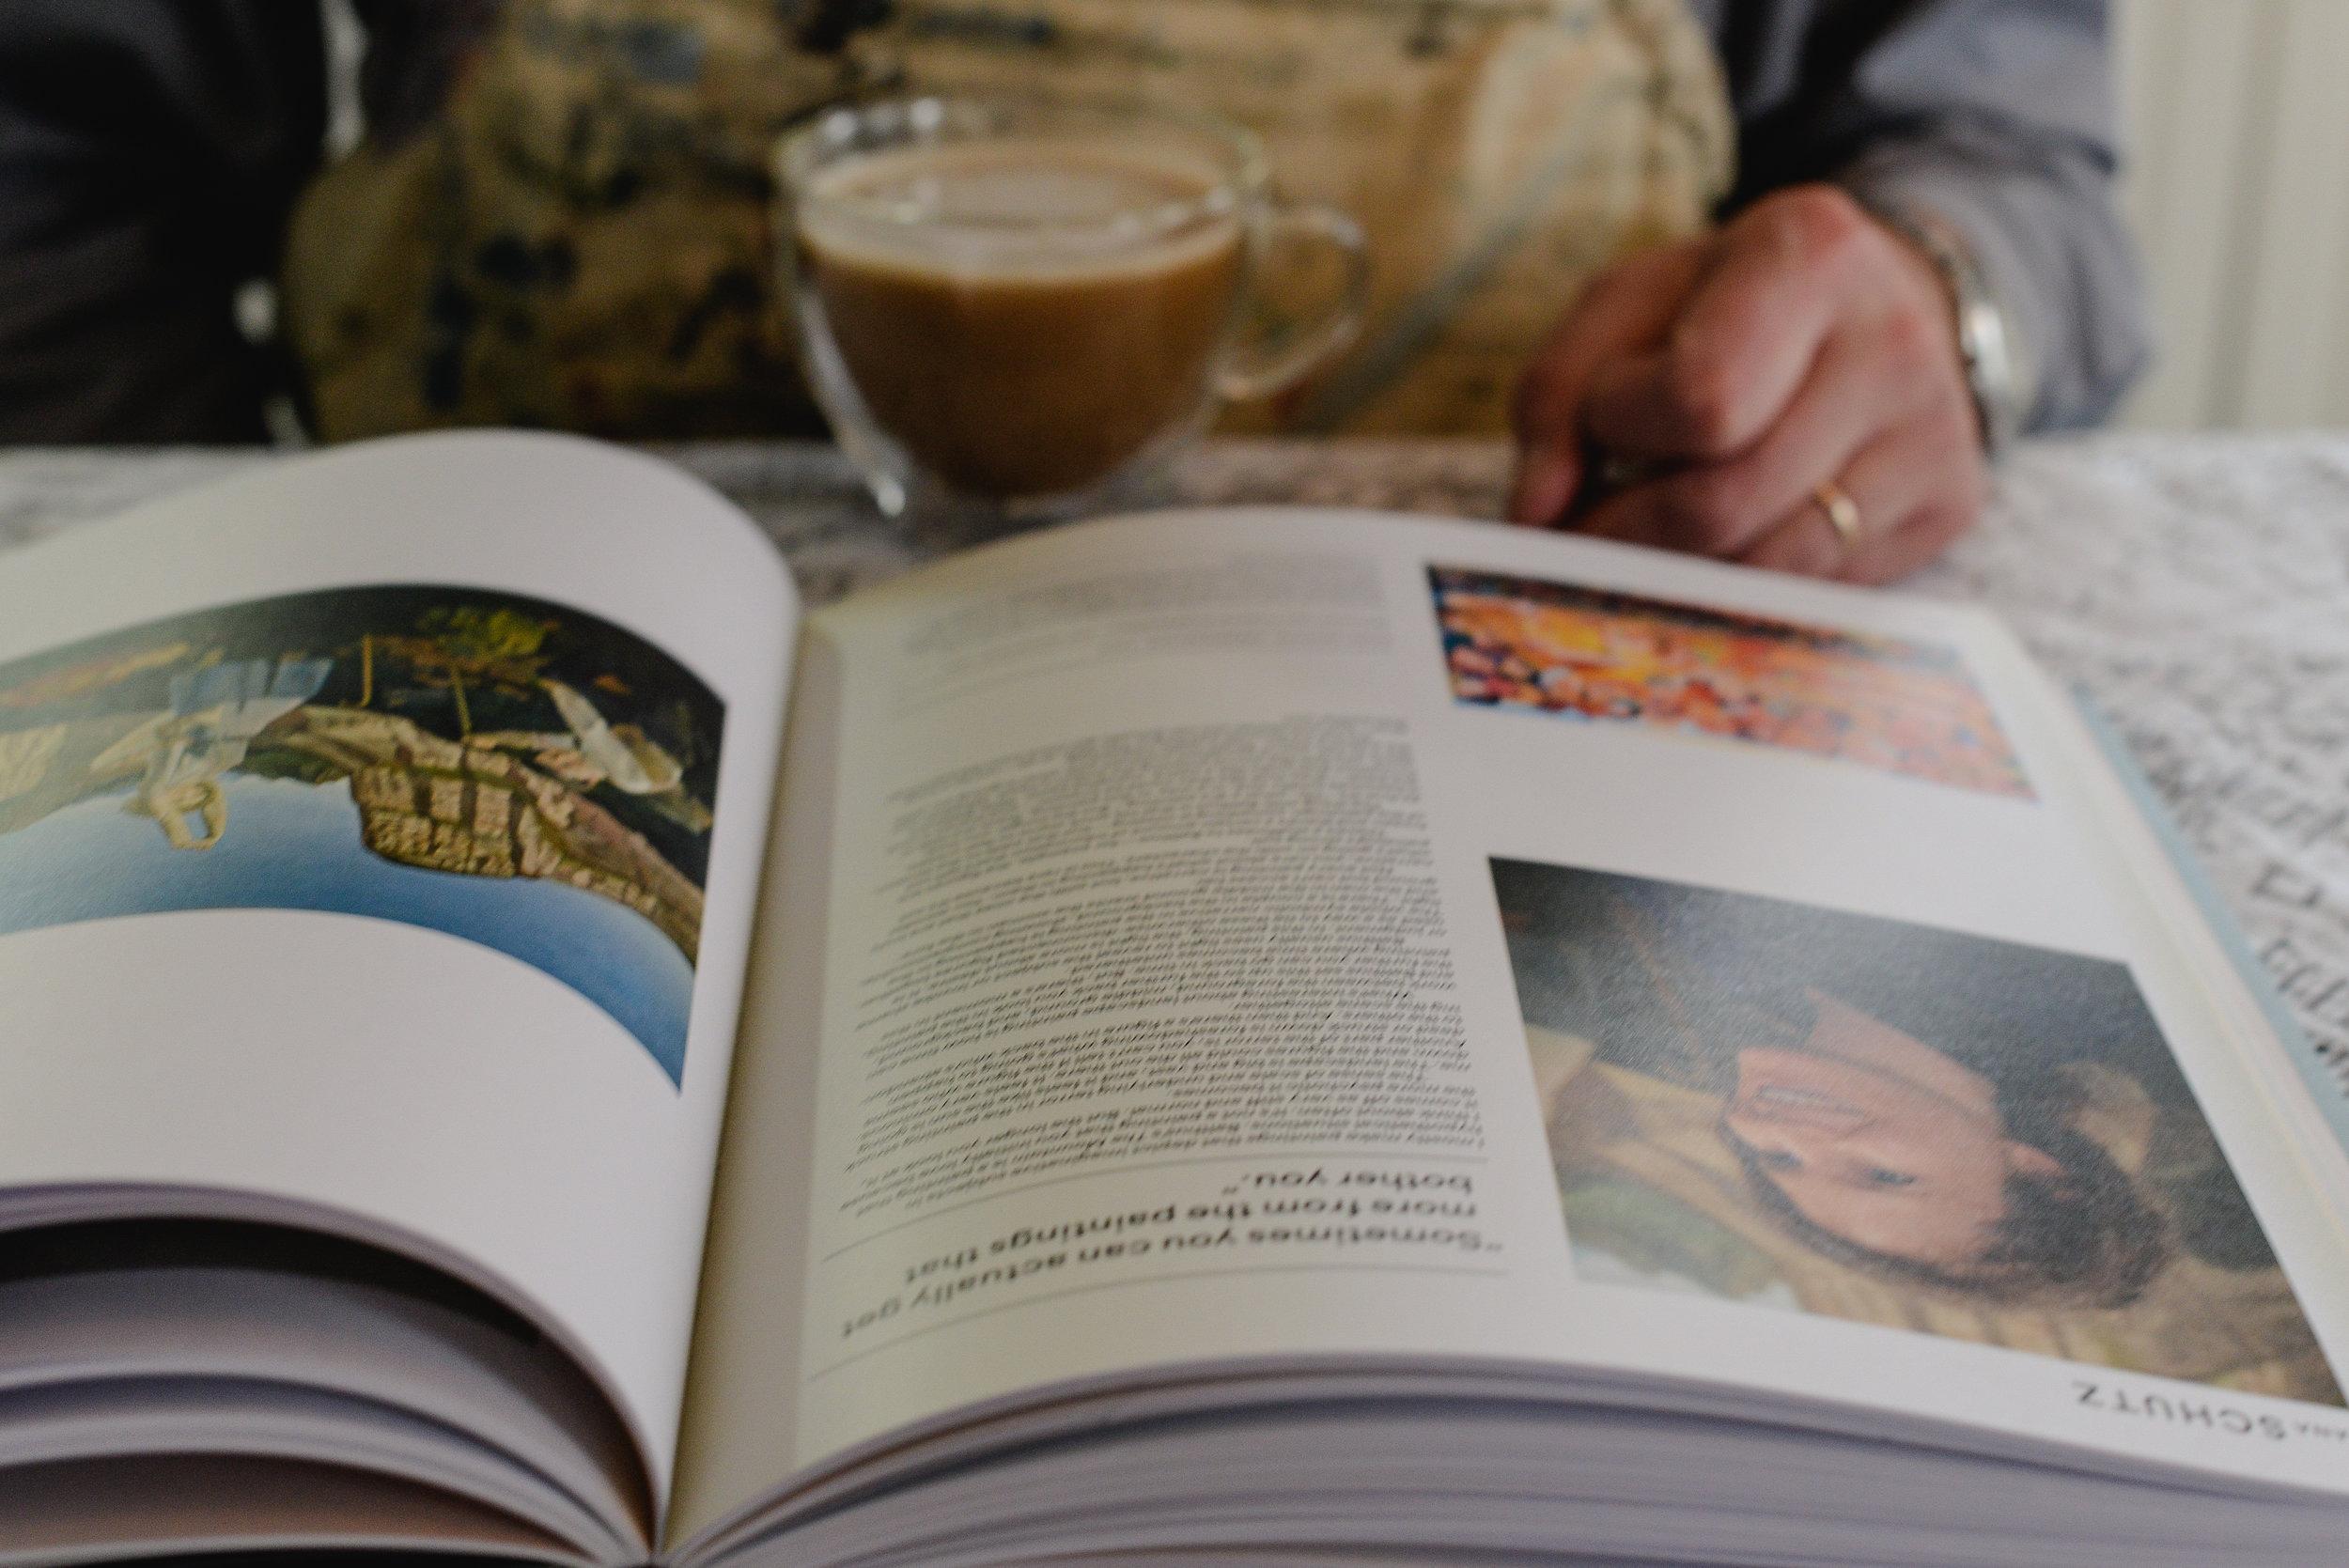 artist and art book